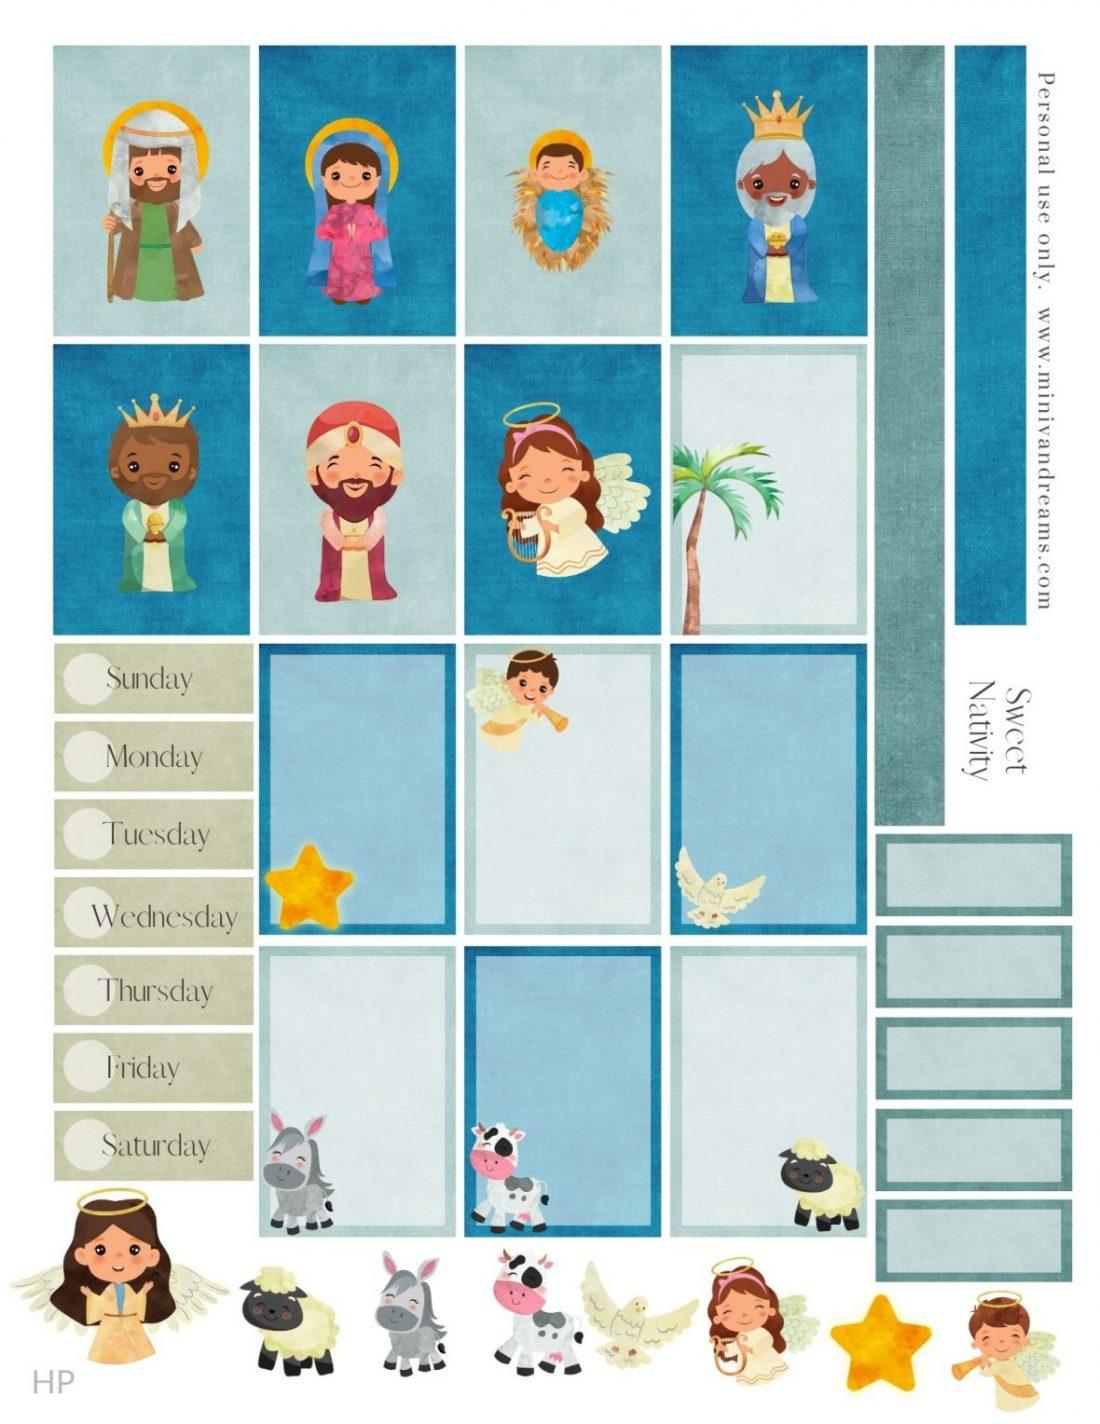 Free Printable  Sweet Nativity Planner Stickers | Mini Van Dreams